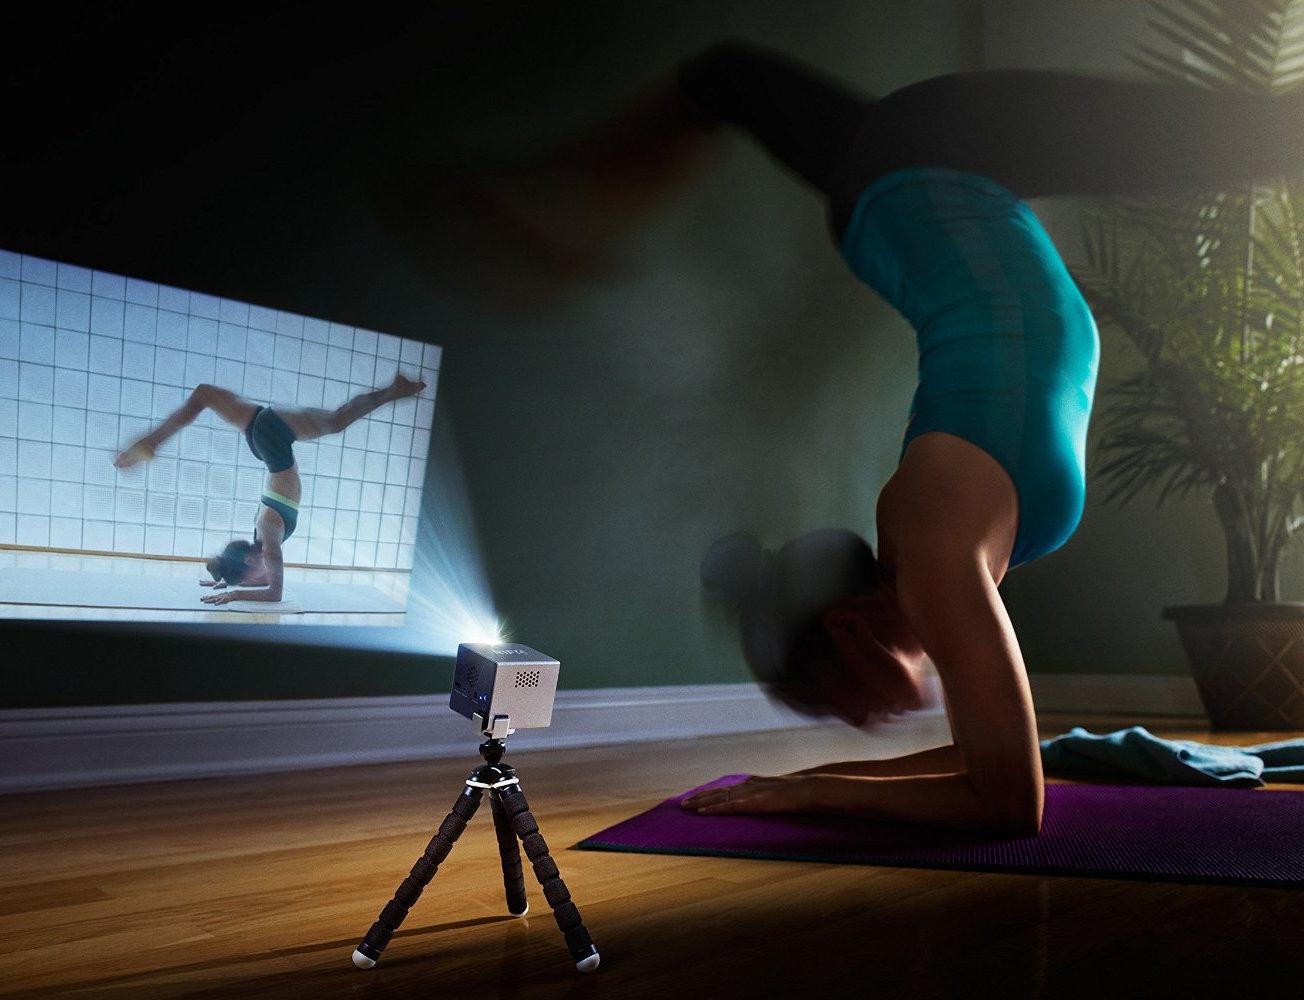 rif6-cube-pico-projector-01